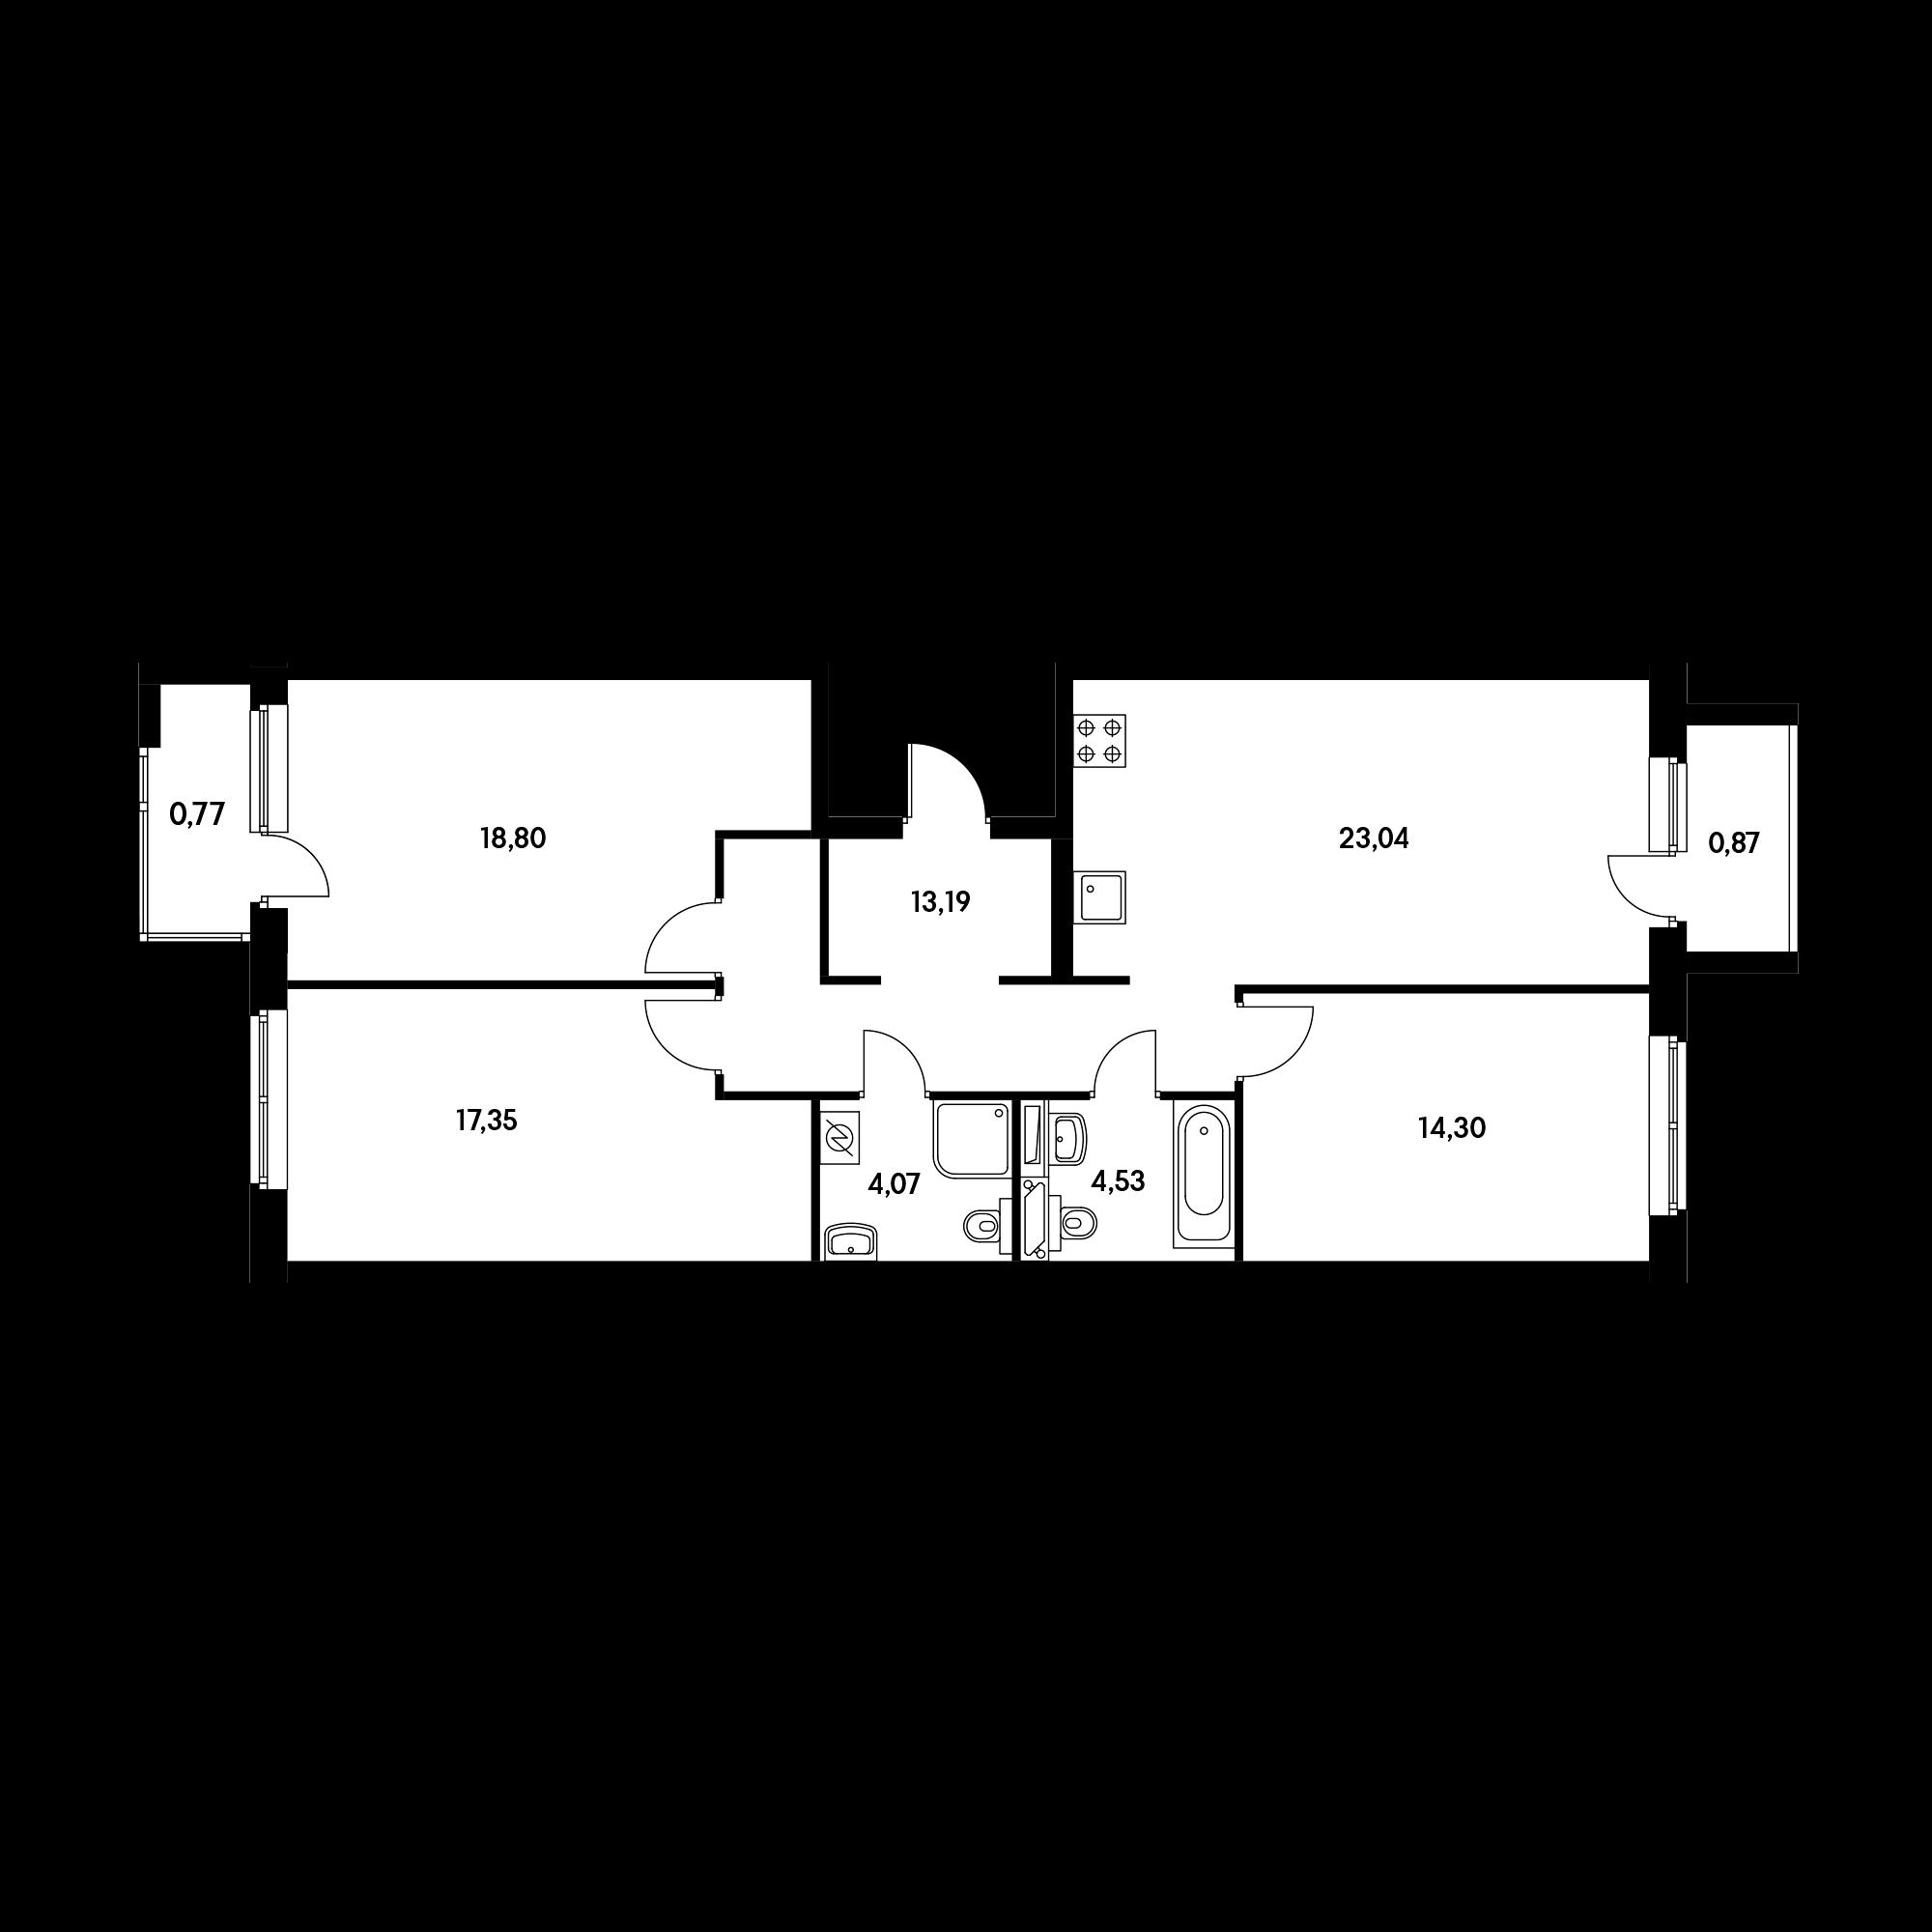 3EL13_B2